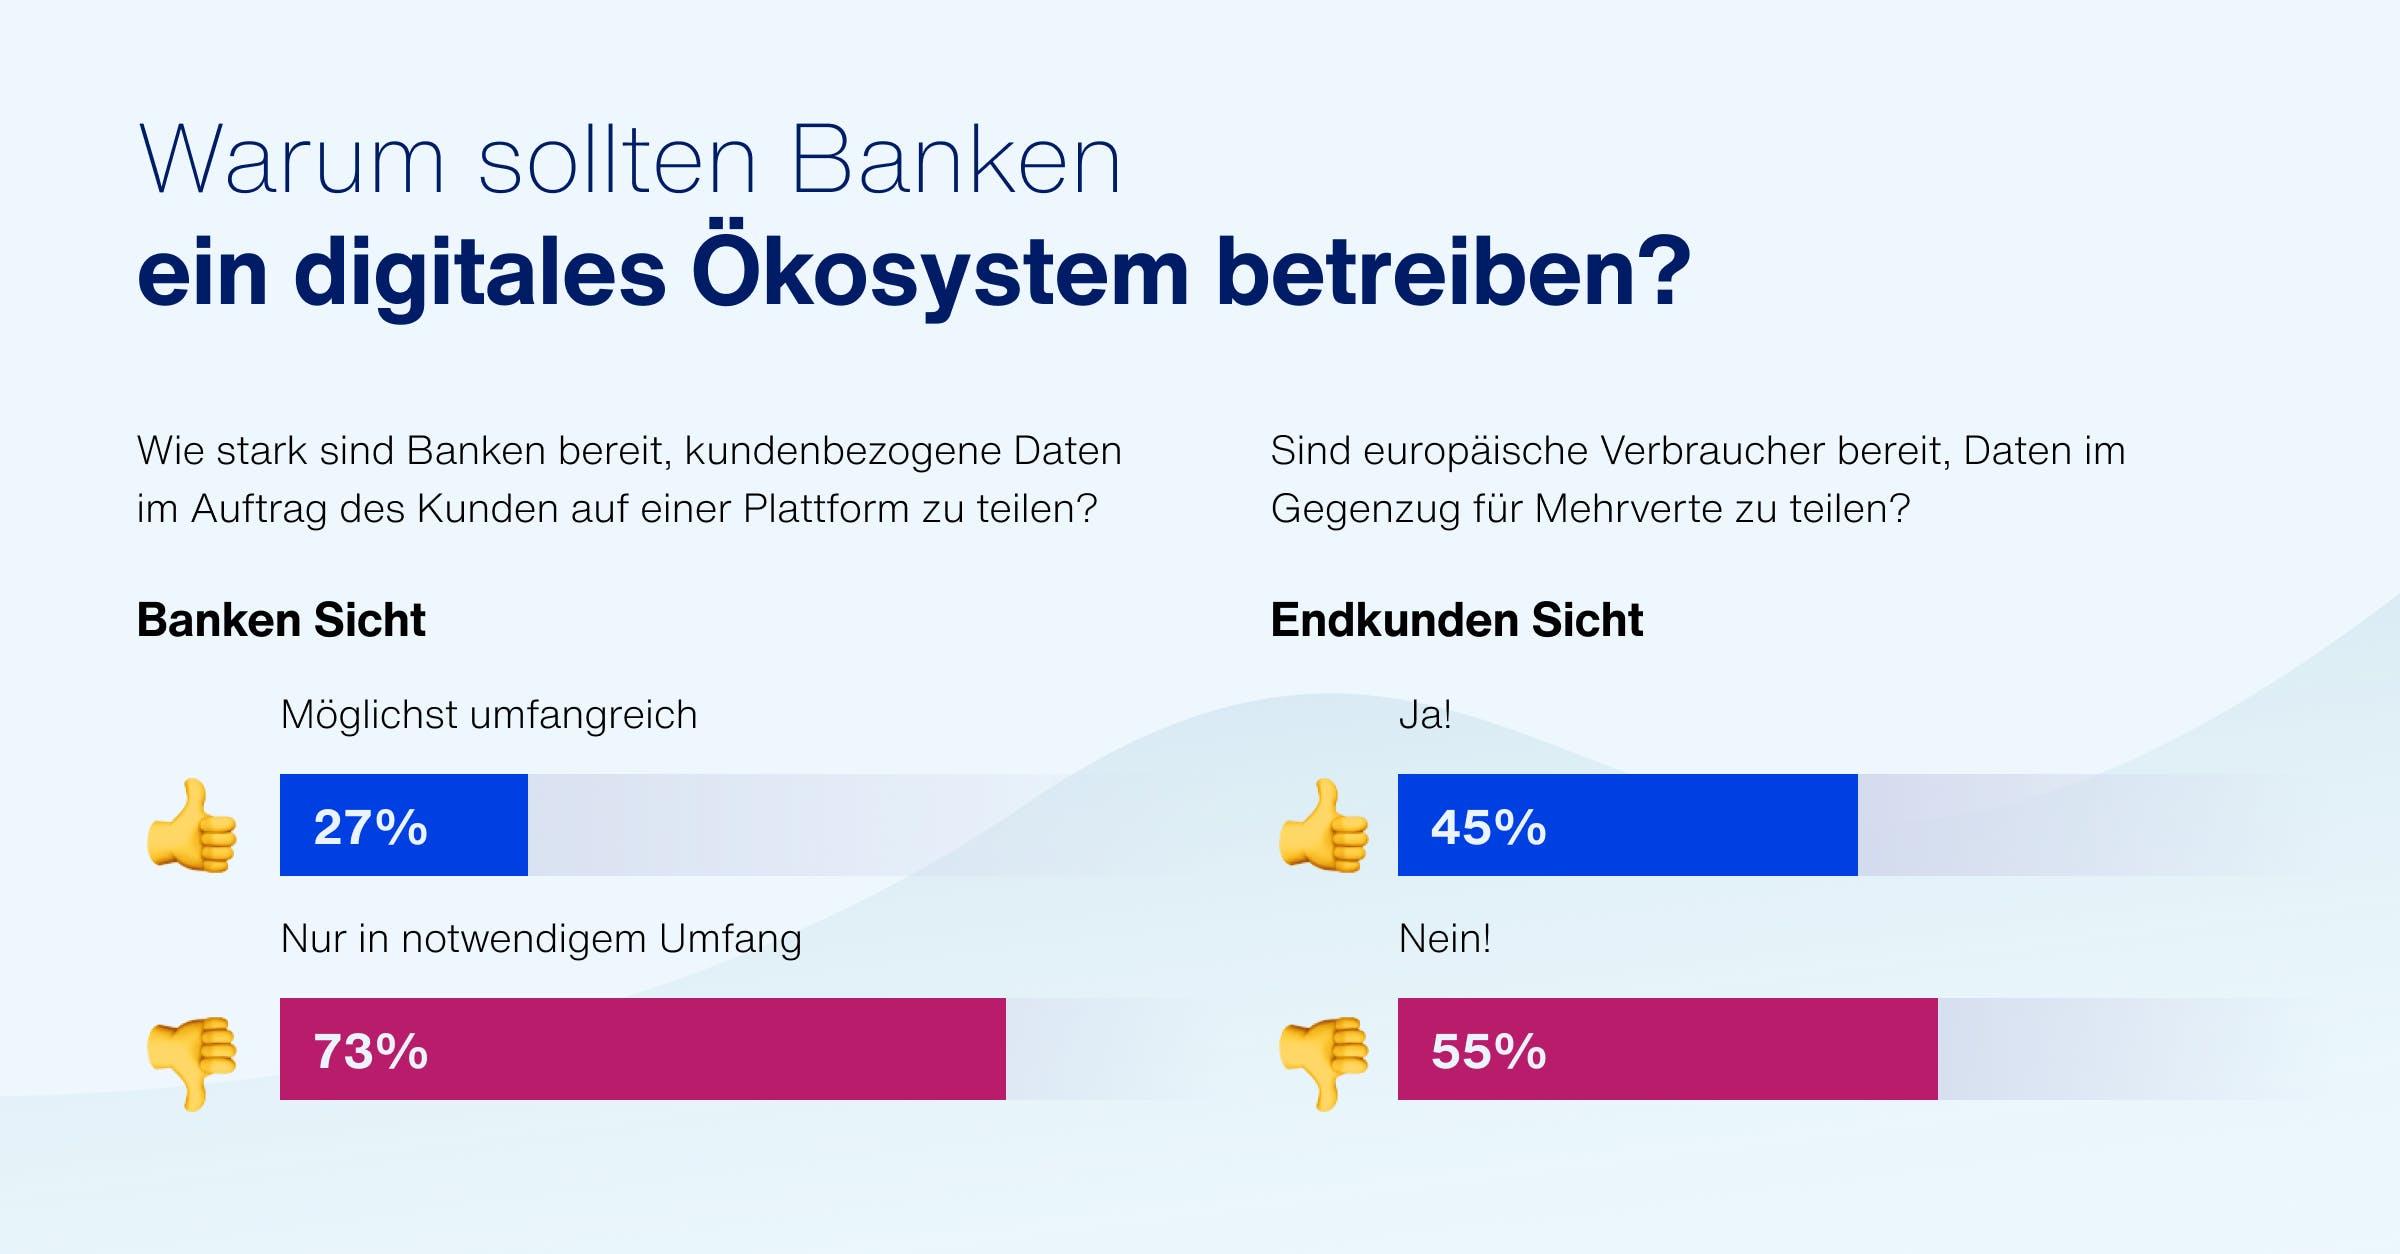 Warum sollten Banken ein digitales Ökosystem betreiben?